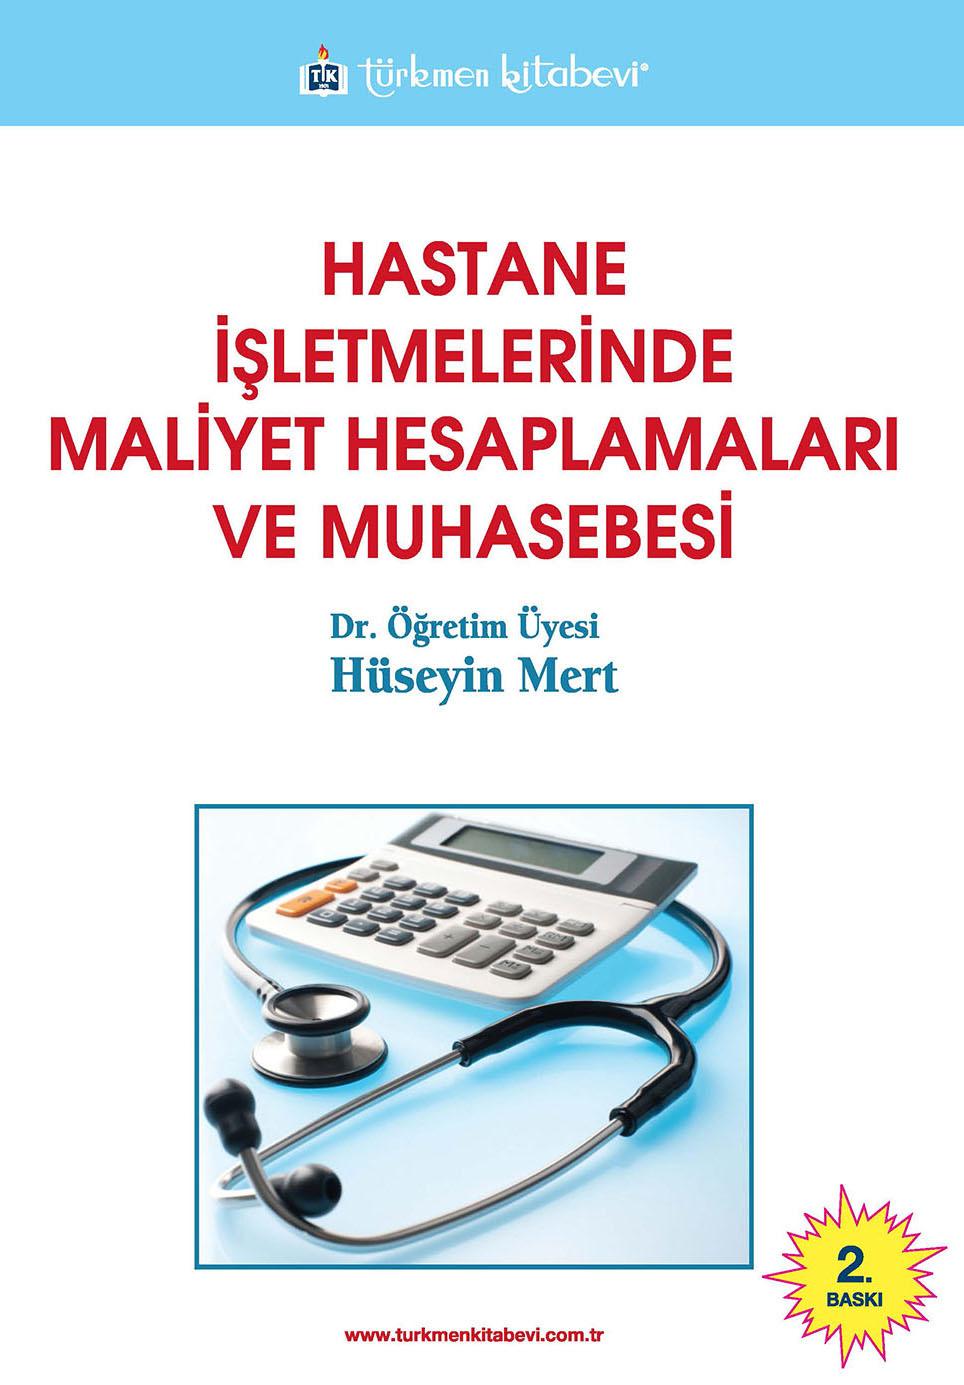 Hastane İşletmelerinde Maliyet Hesaplamaları ve Muhasebesi